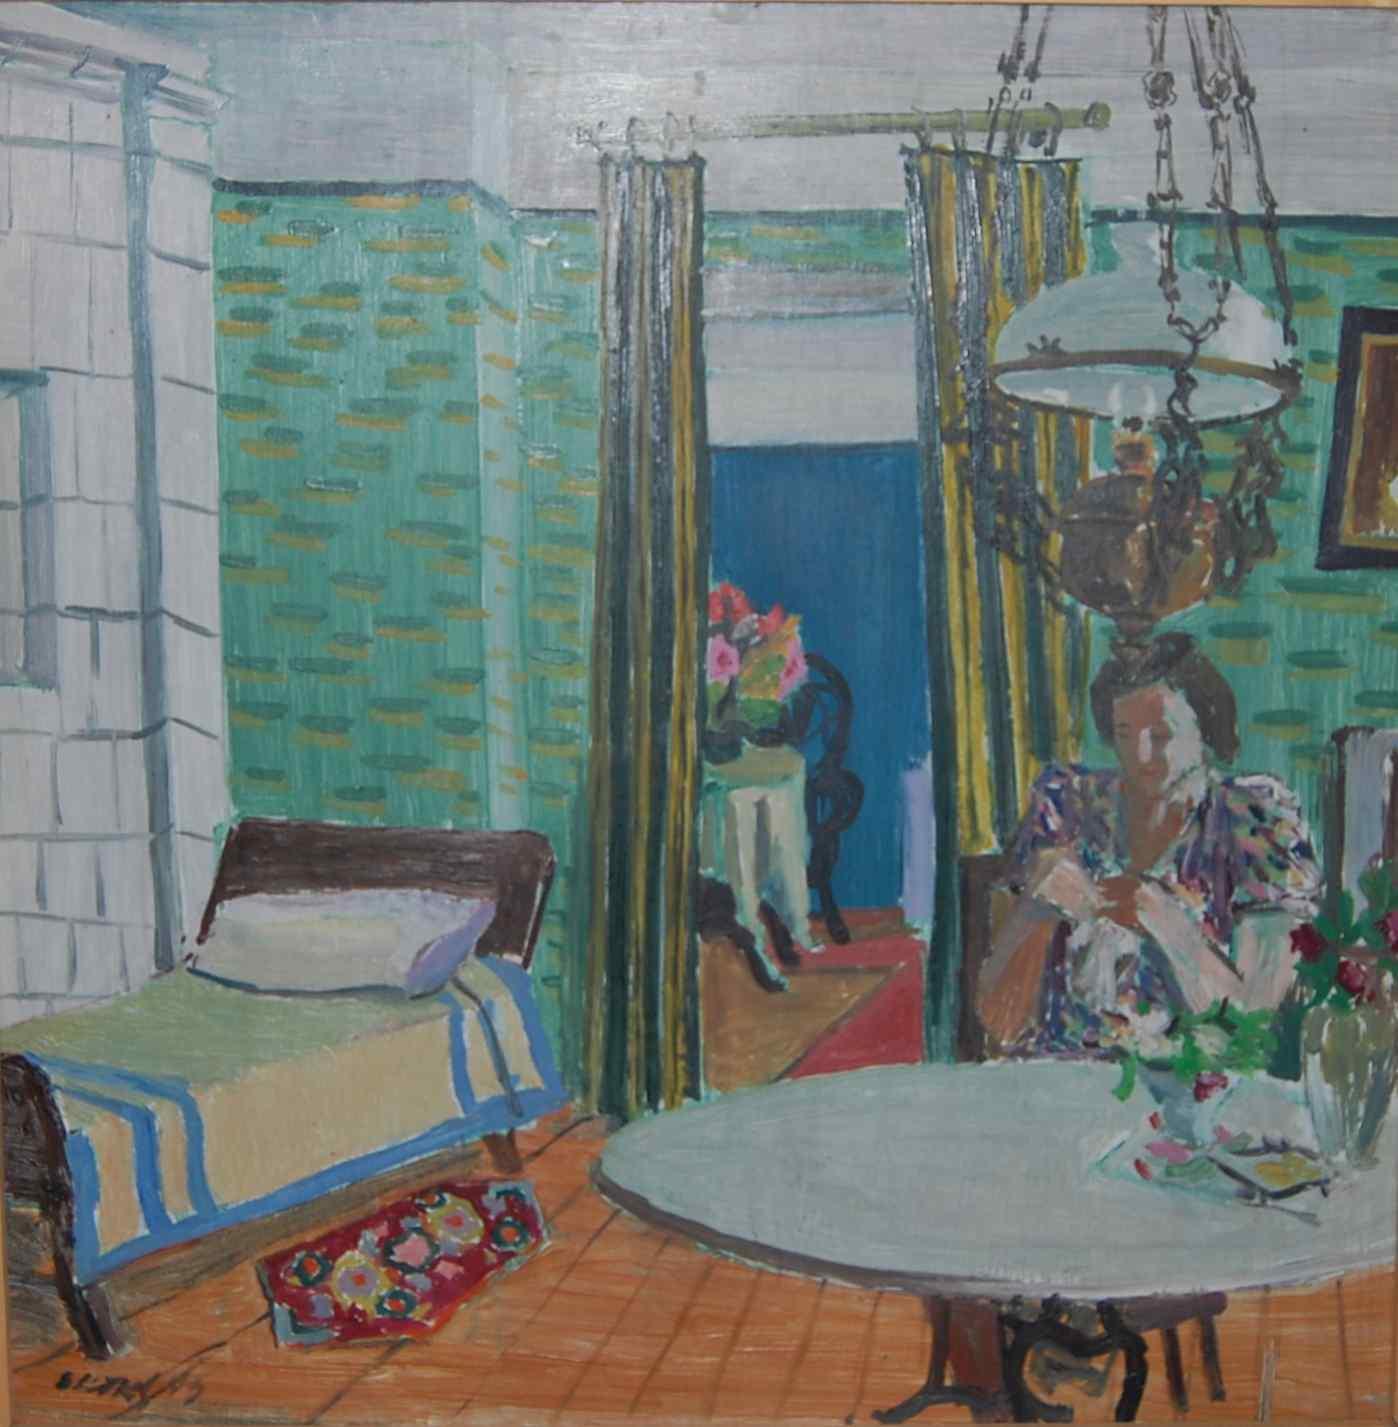 Endel Kõks. Toas. 1943. Õli, vineer. 48 x 48. Tartu Kunstimuuseum